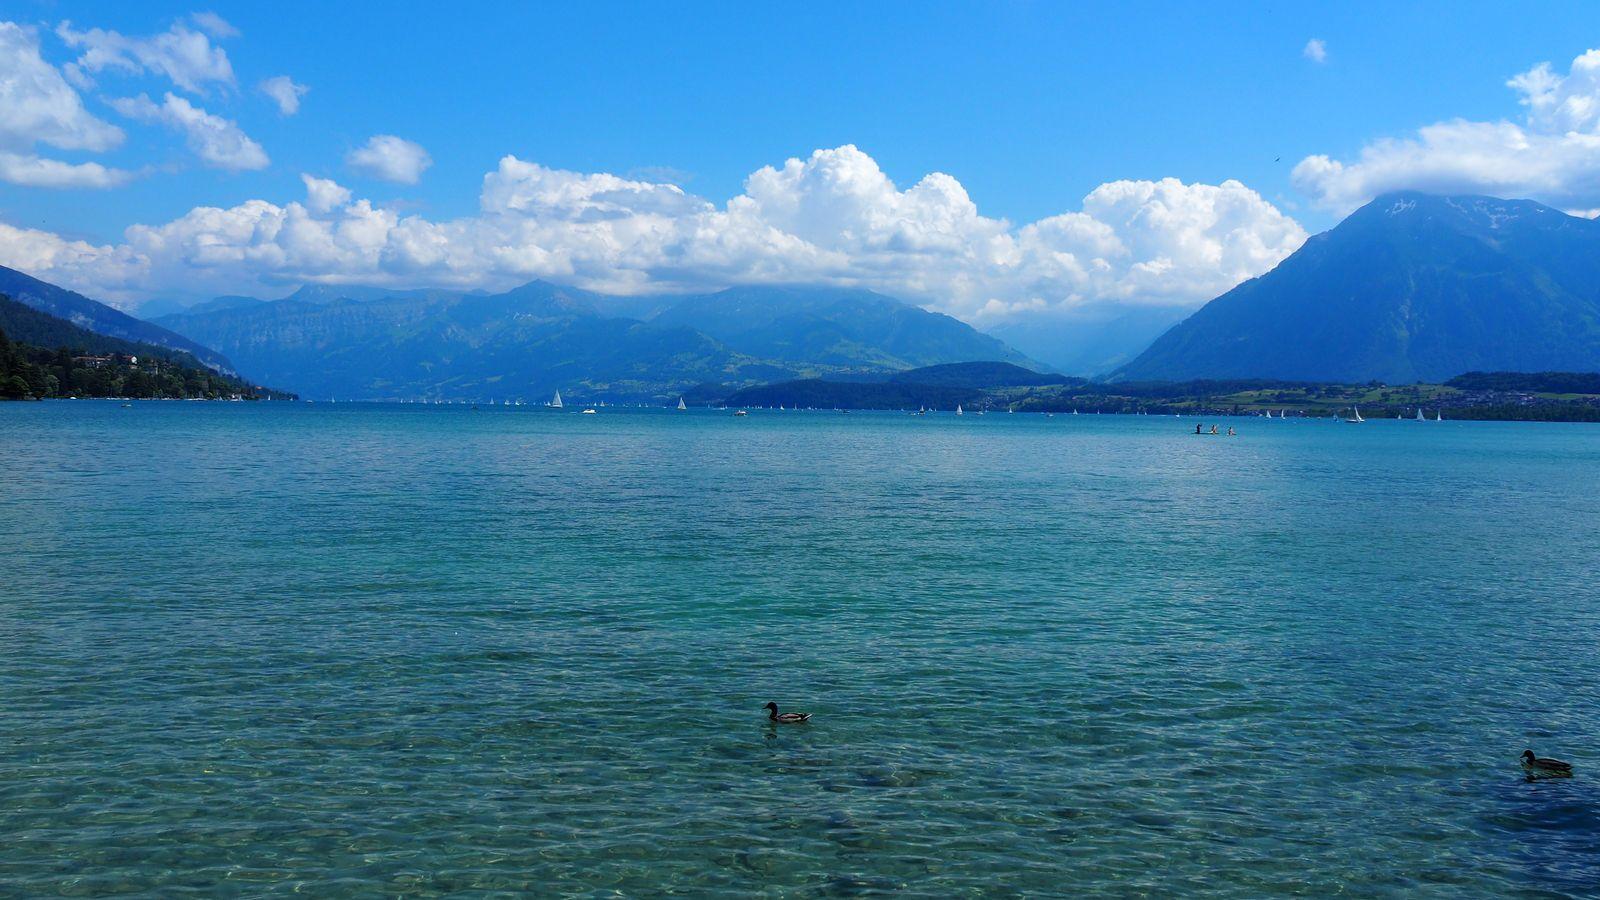 Le lac de Thoune